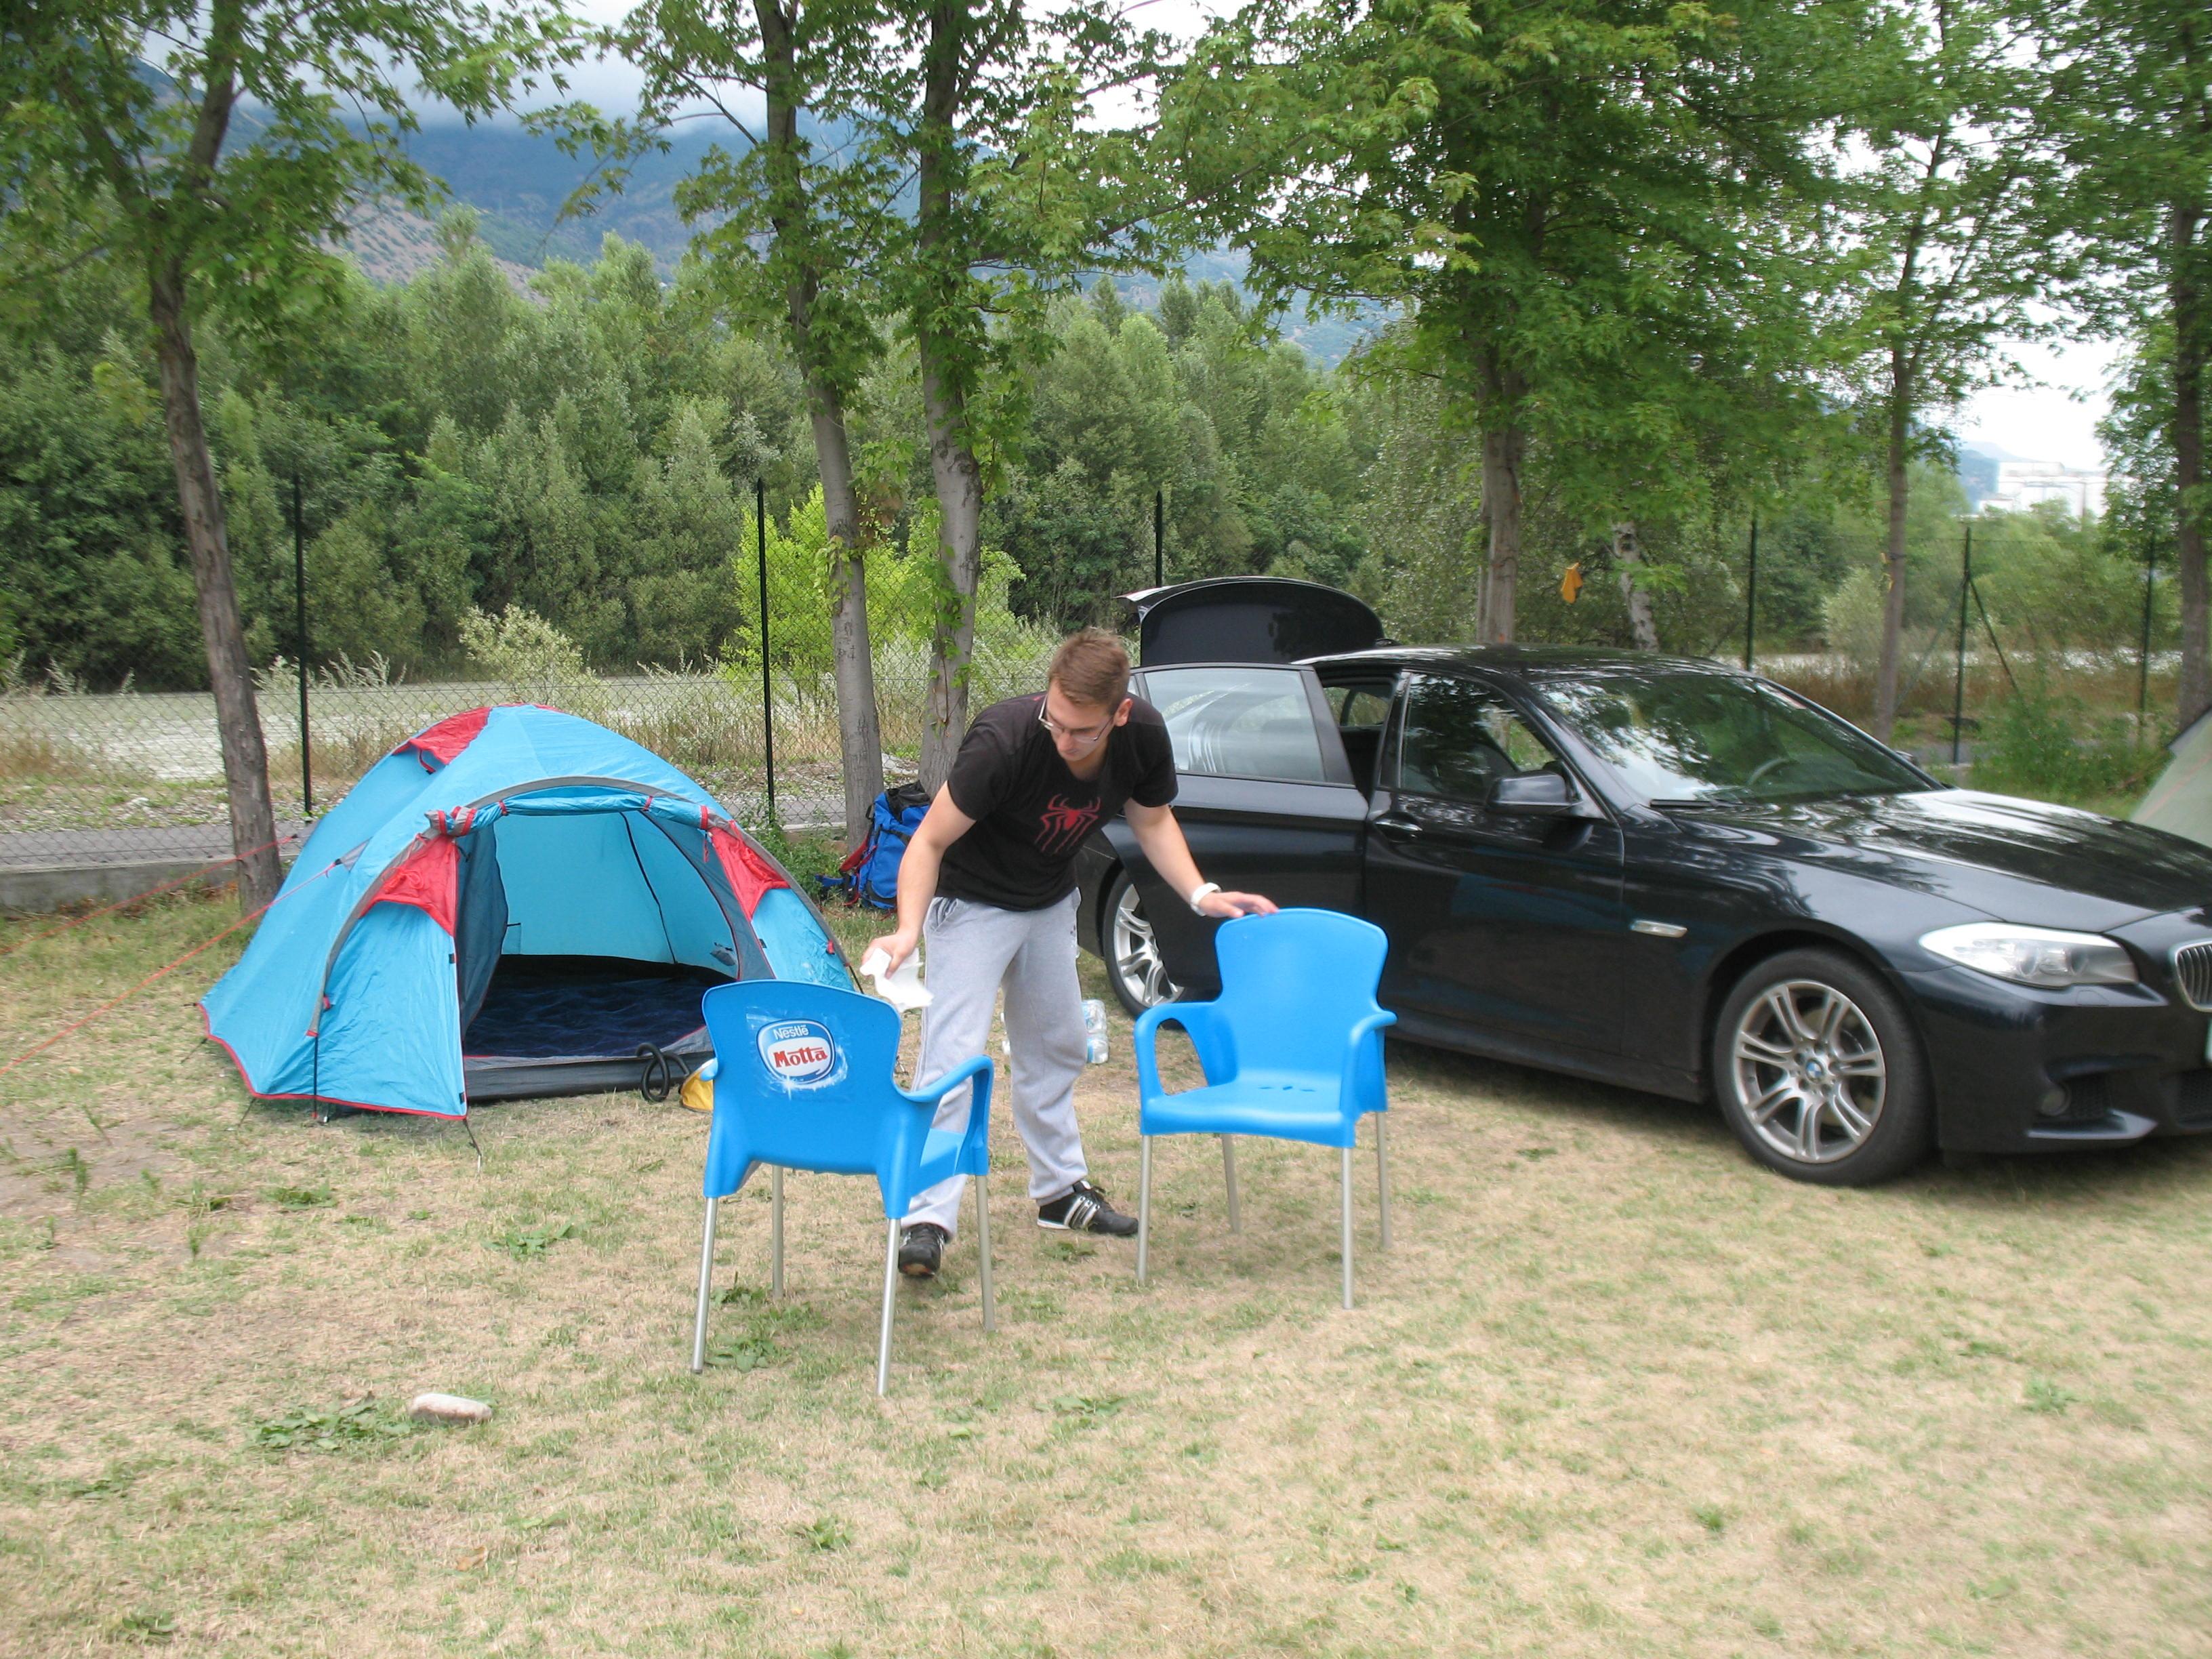 Čerga u kampu